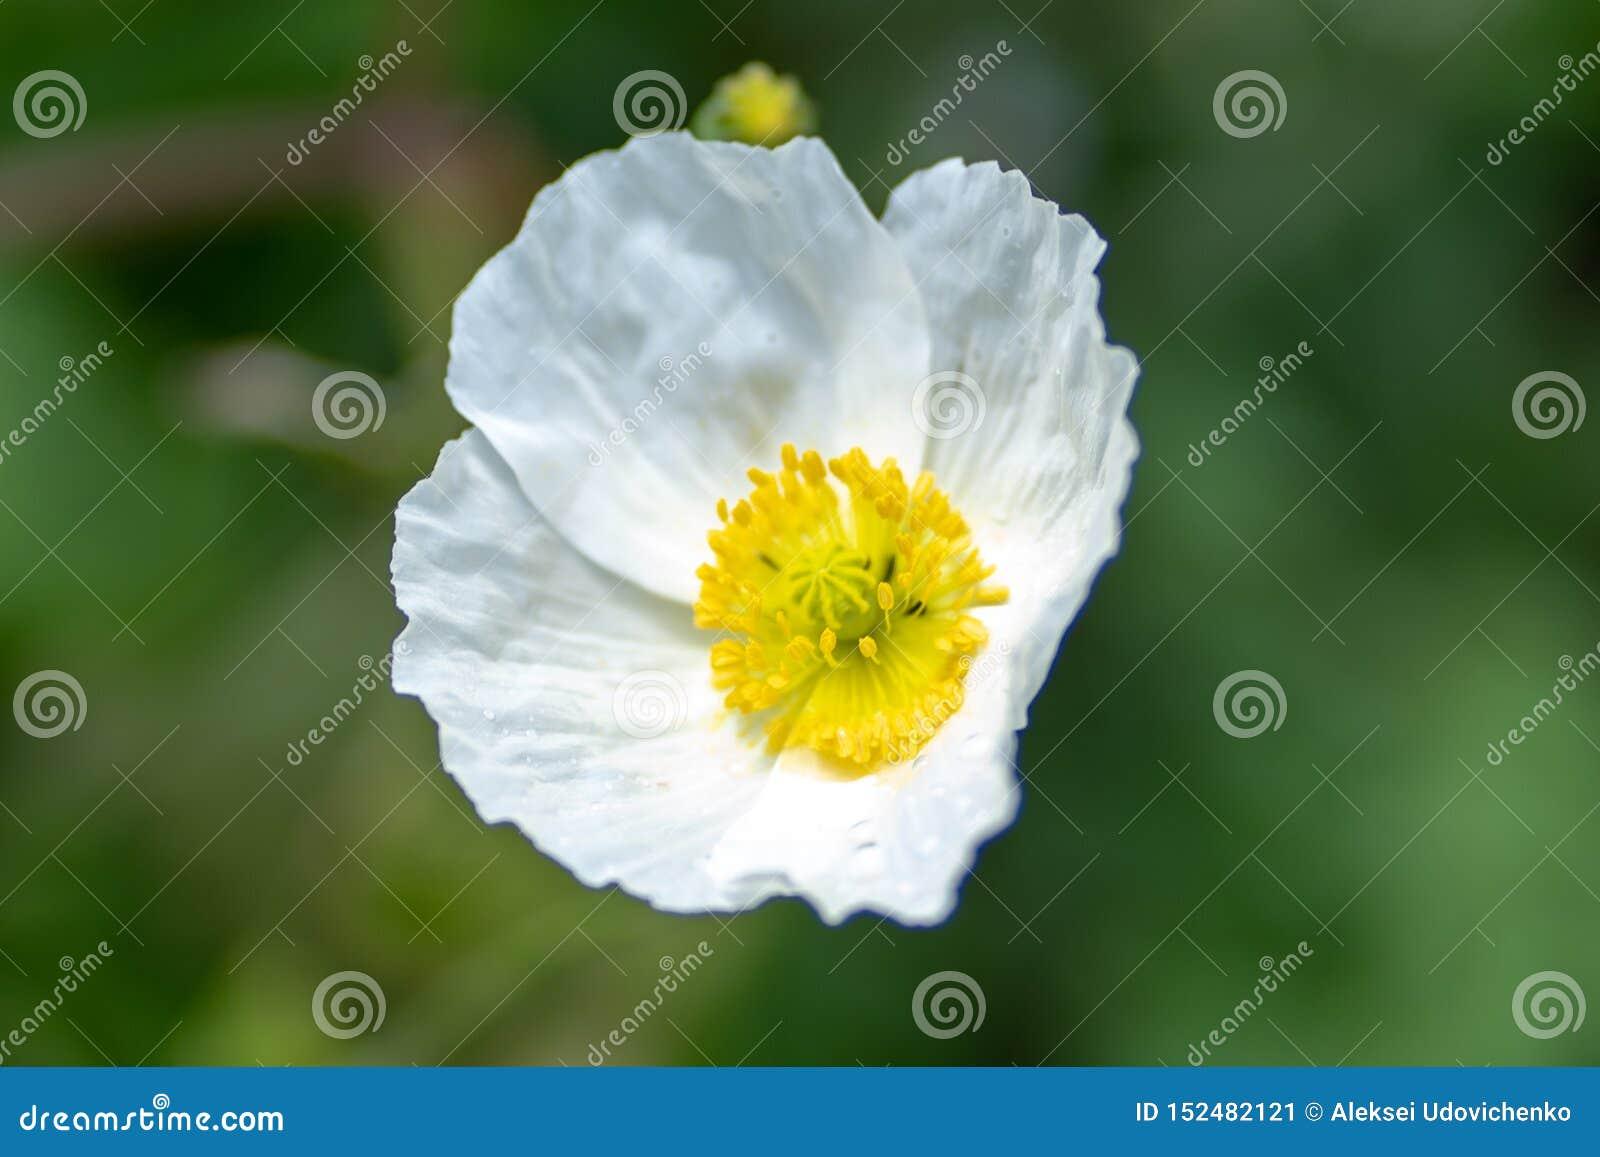 Macroschot van een witte bloem op een natuurlijke achtergrond in een zachte nadruk